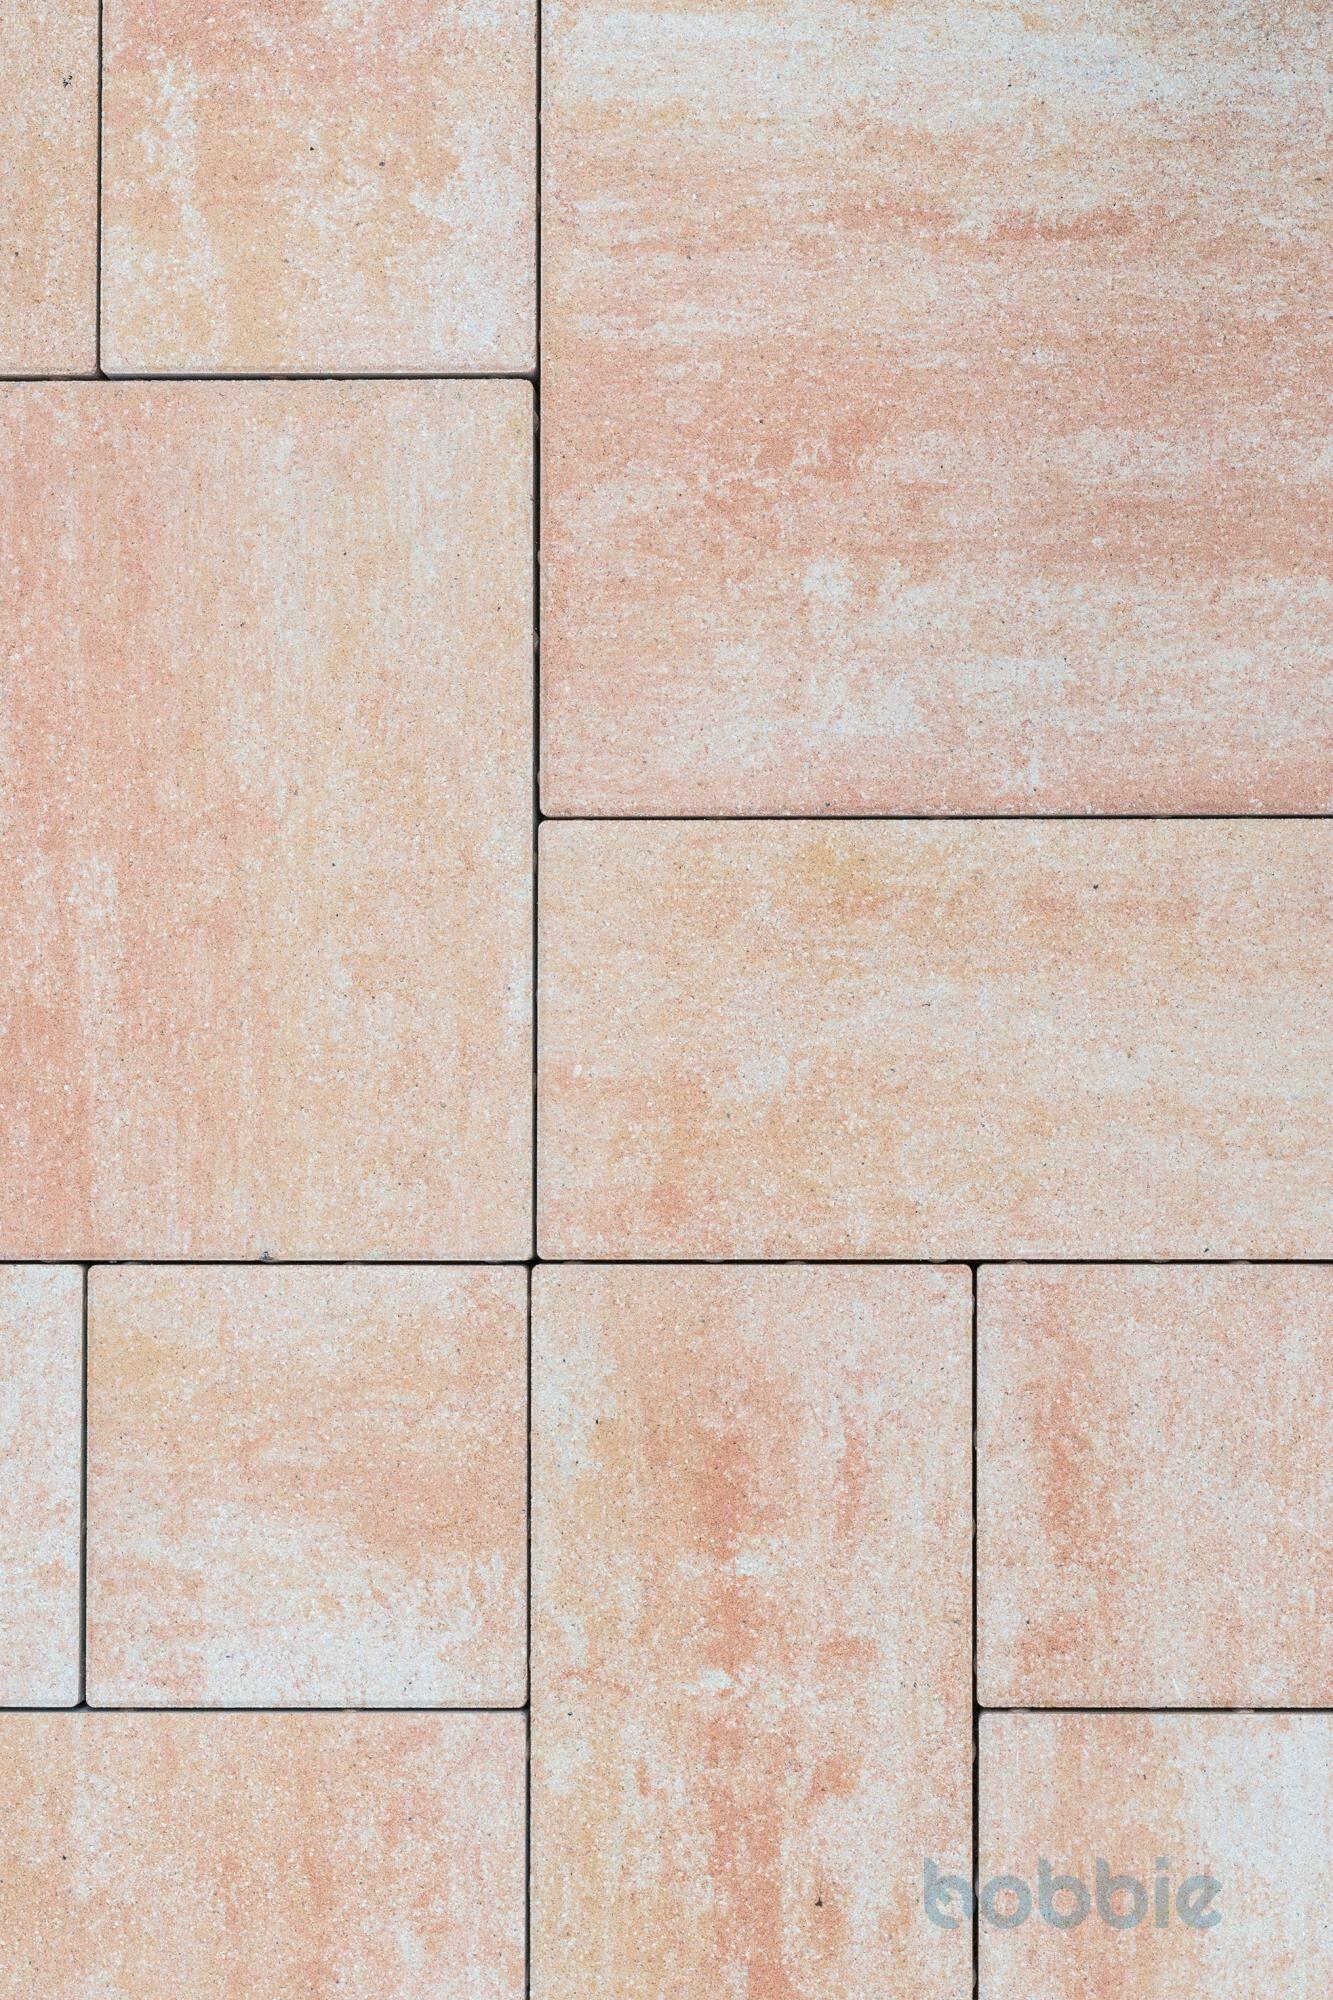 DIEPHAUS Terrassenplatte DIORA SANDSTEIN MEHRFORMAT PE3